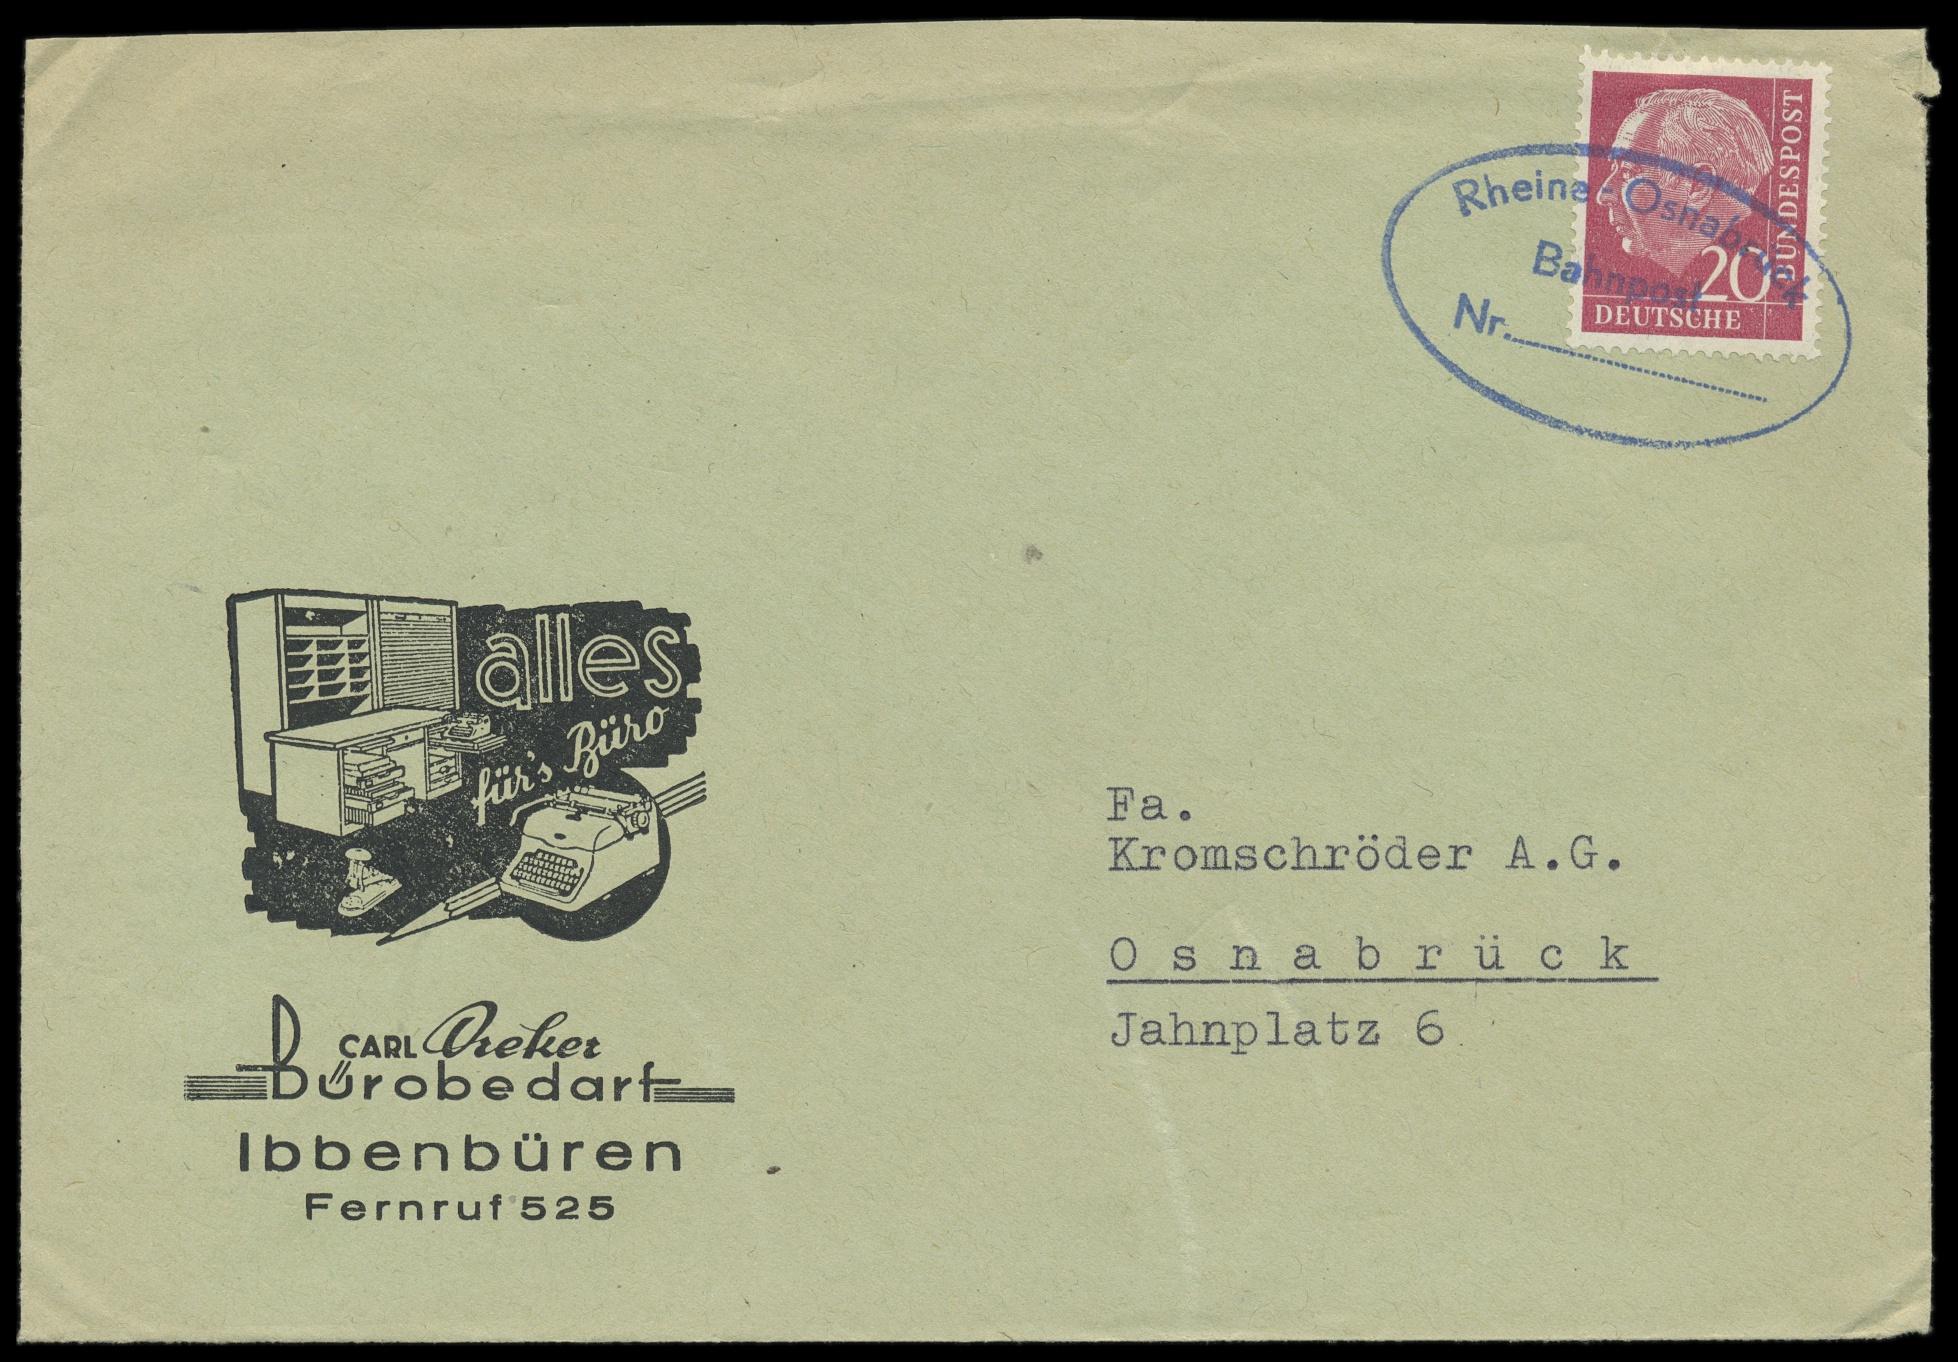 Lot 5419 - Main catalogue bundesrepublik deutschland -  Peter Harlos Auctions 41. Auktion